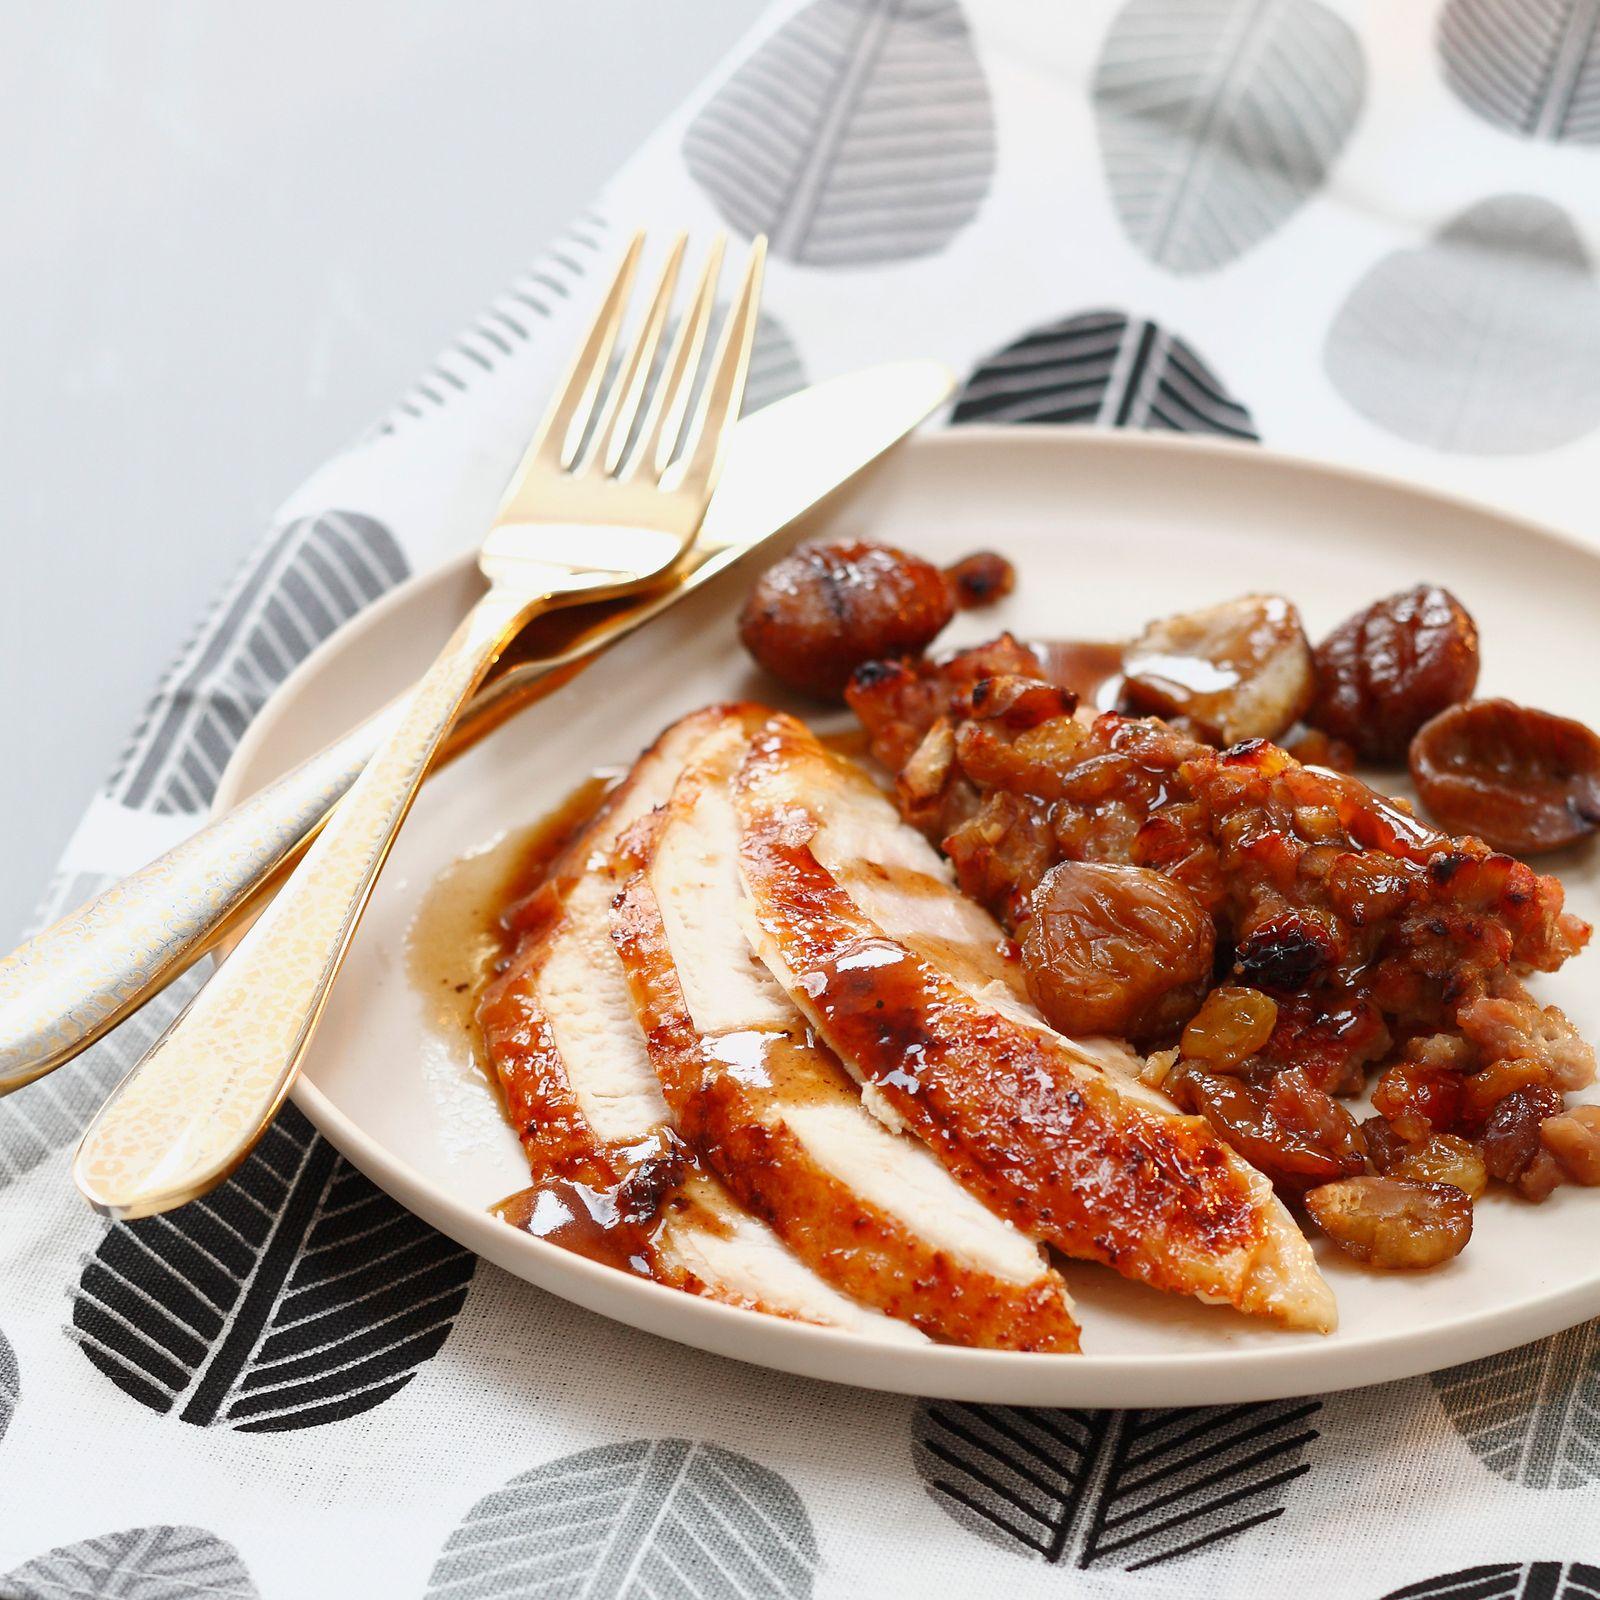 Viande maigre : mangez léger pendant l'été !